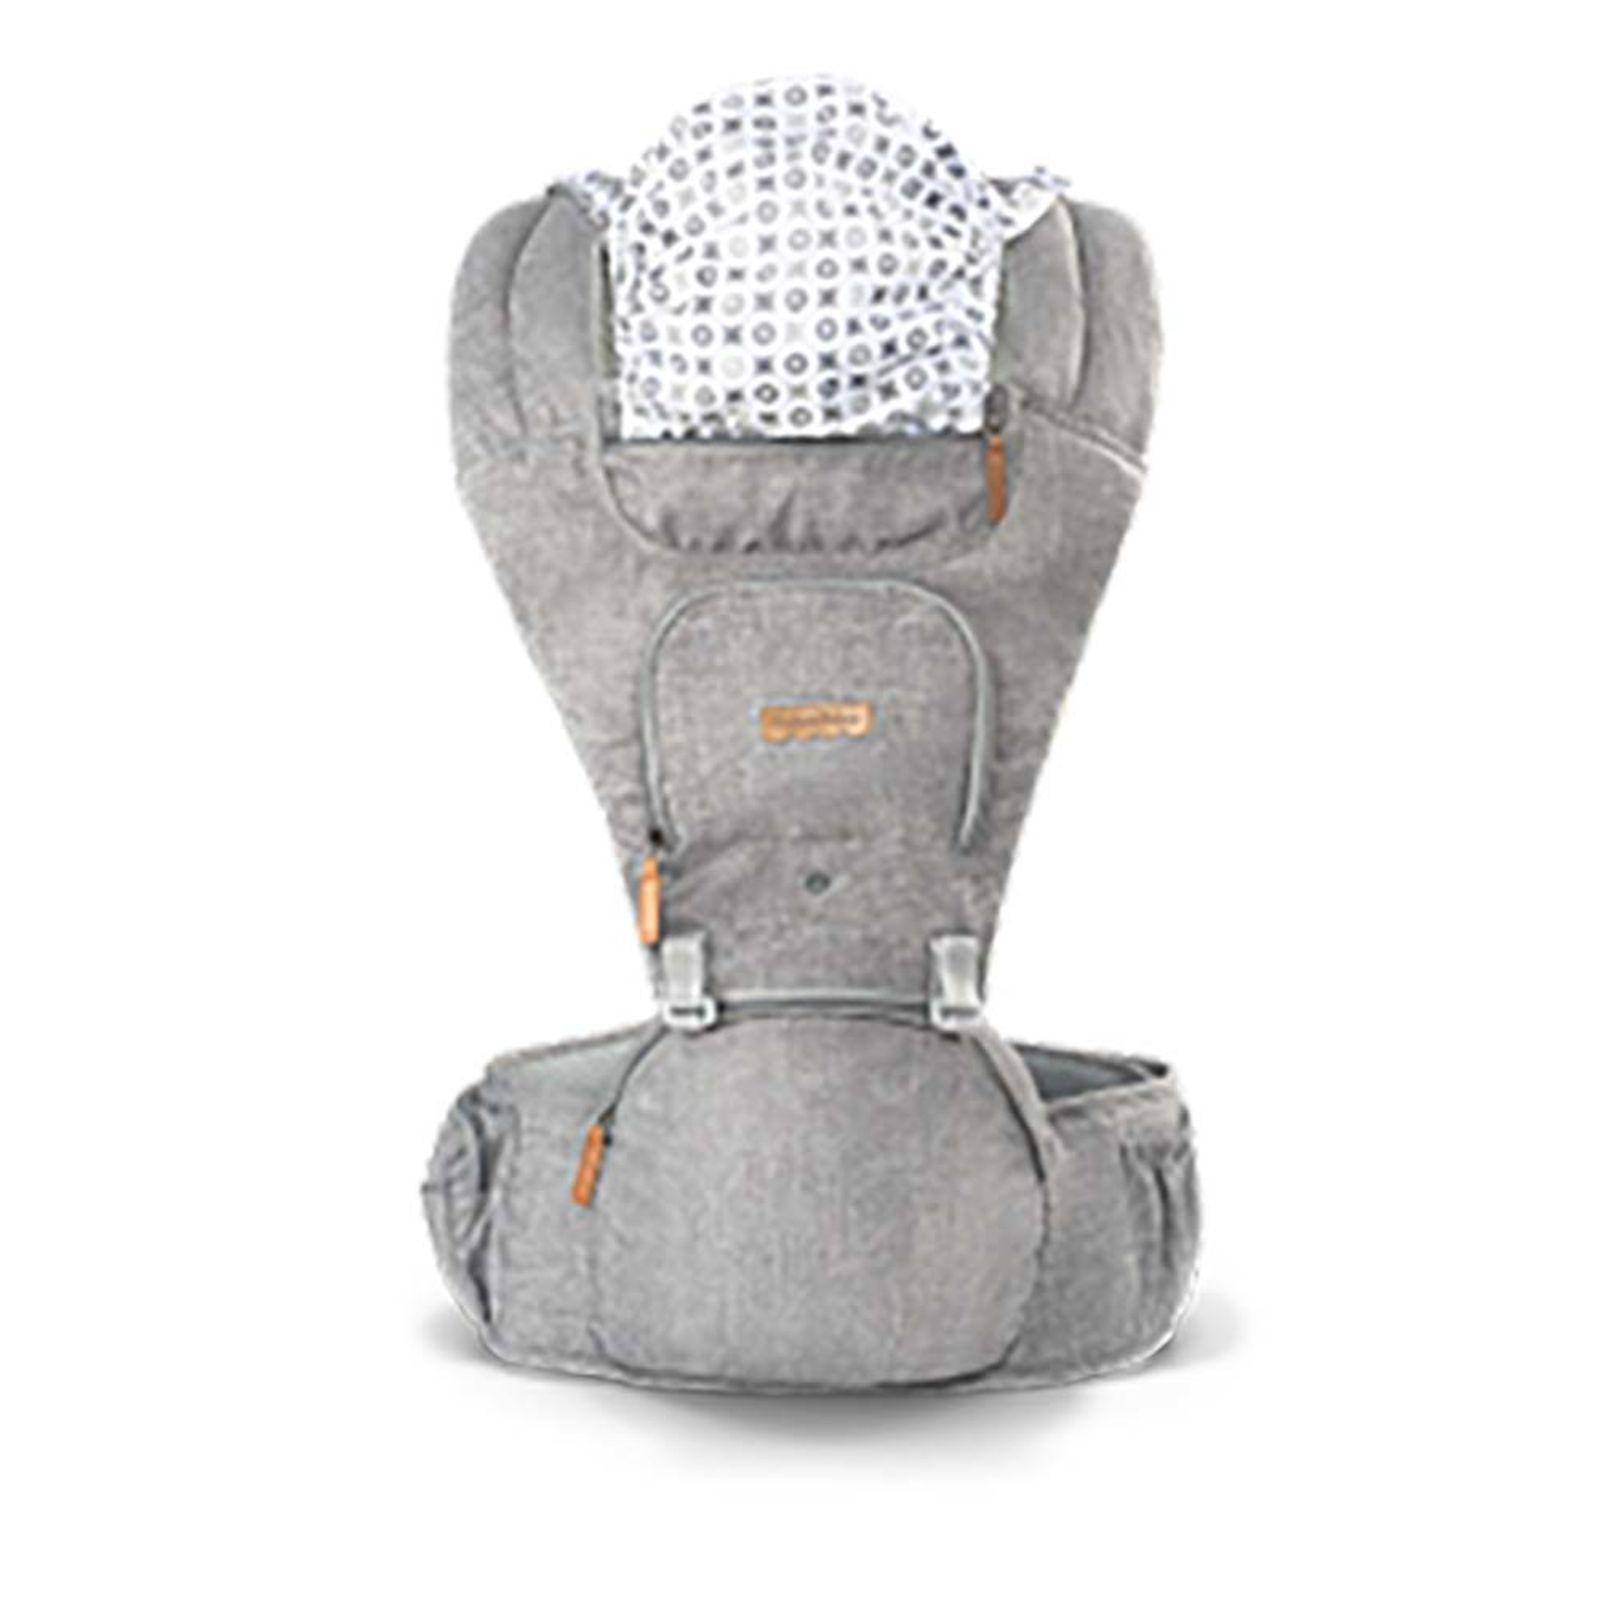 Canguru Para Bebê Hipseat Cinza - Fisher Price Ref Bb312